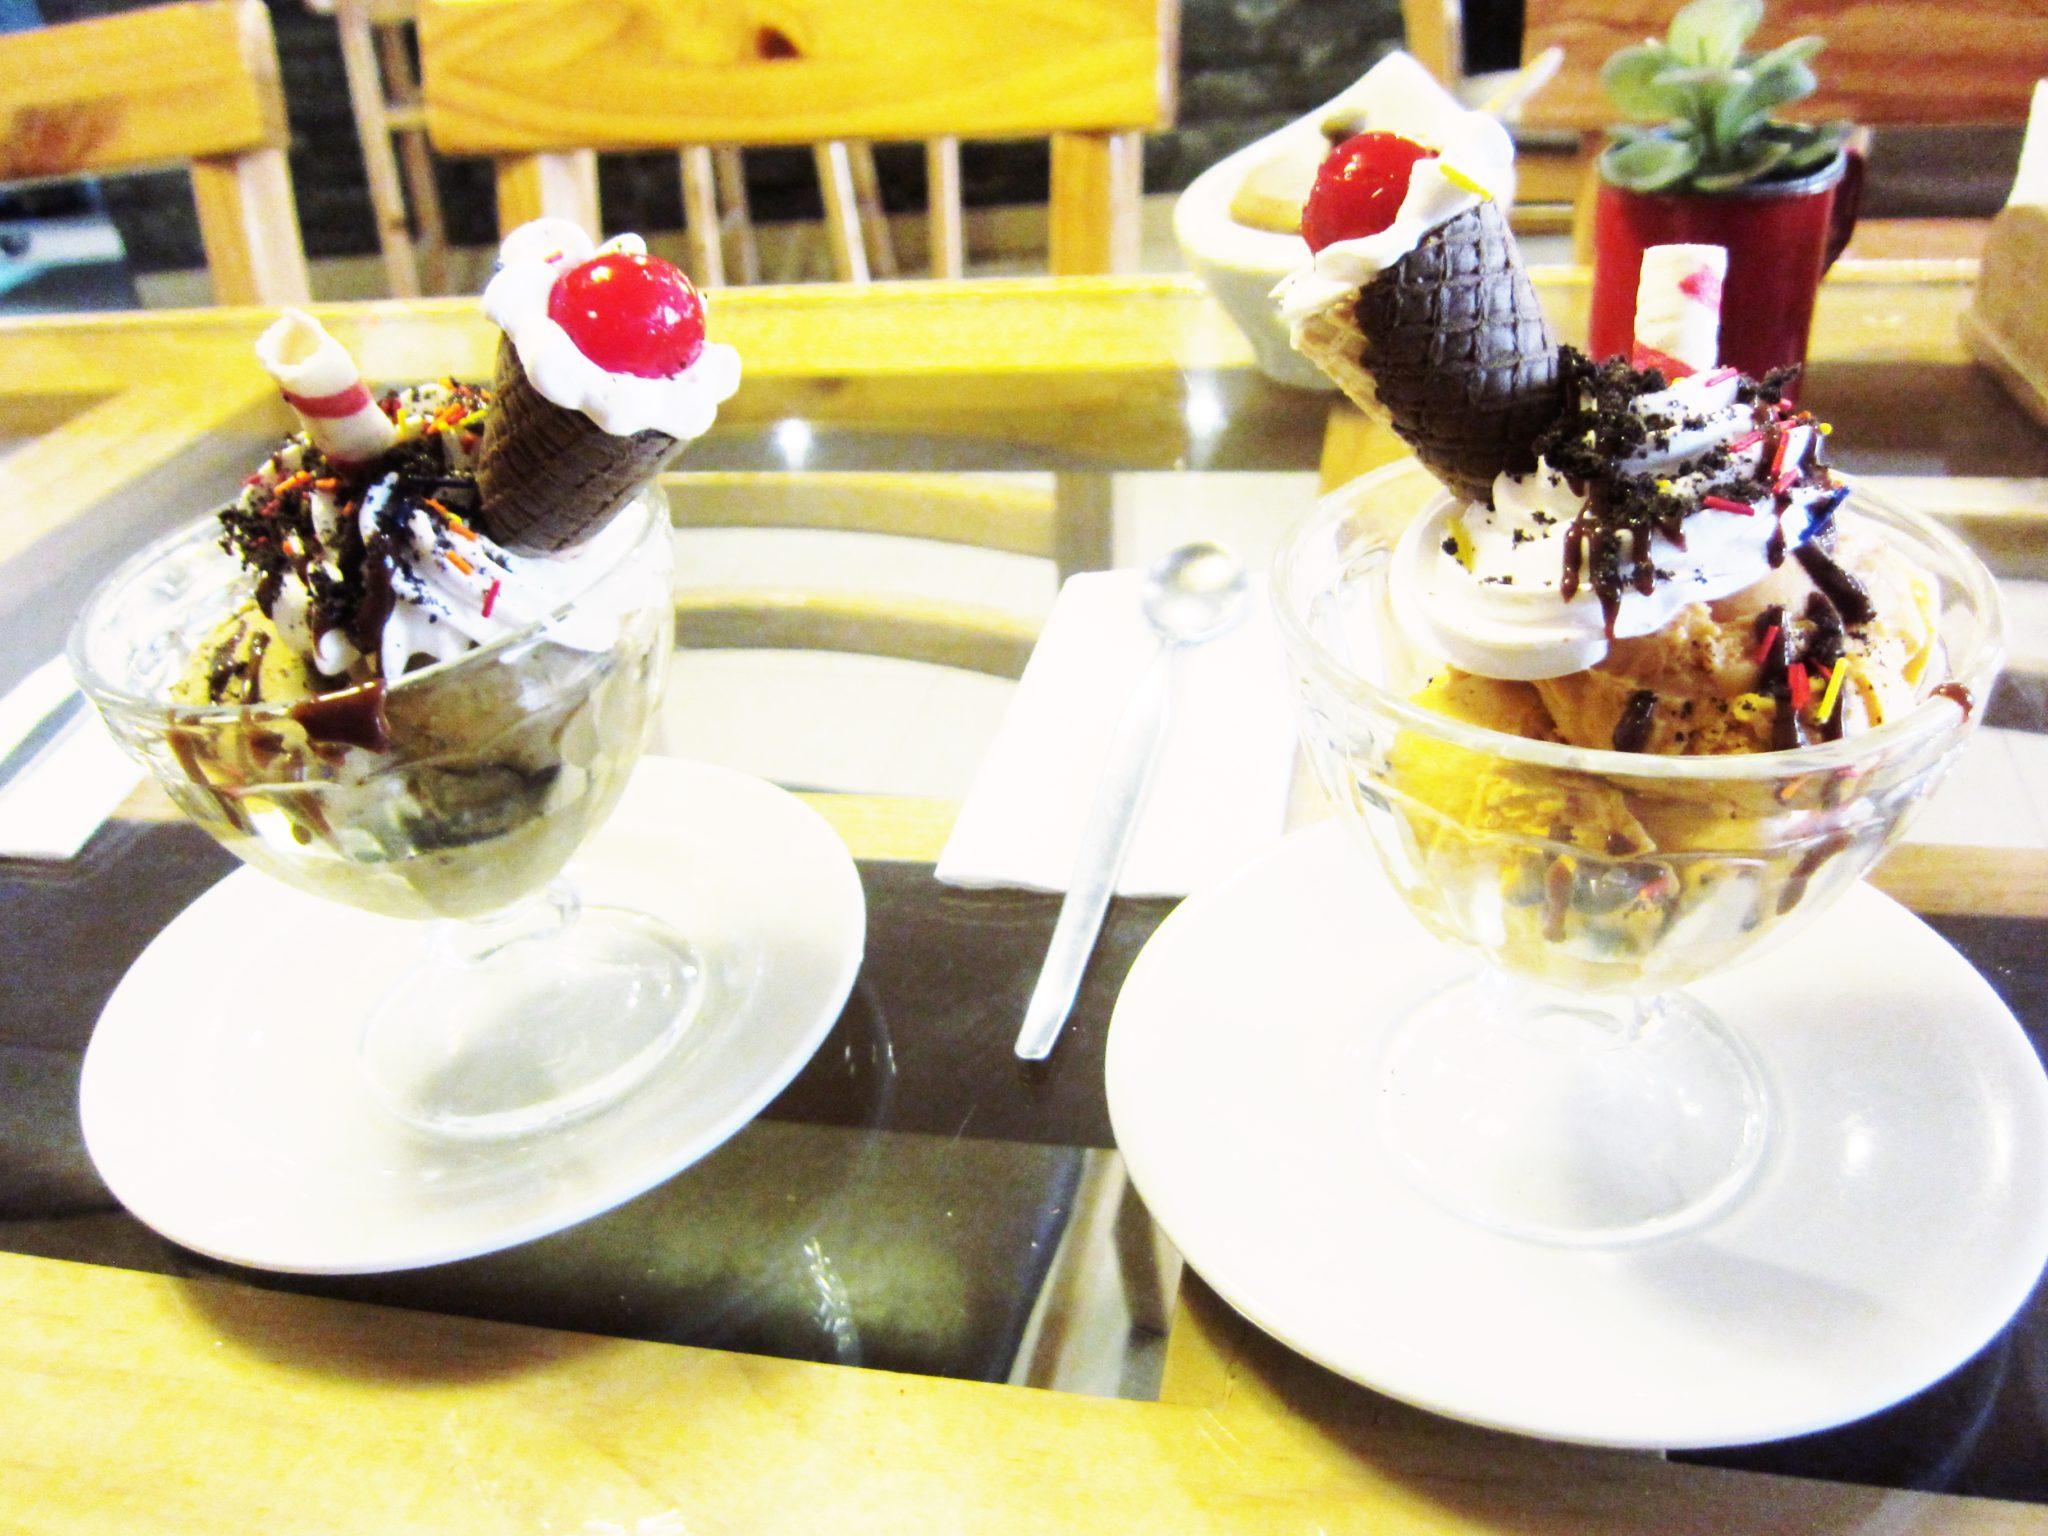 ペルー・クスコのおしゃれで、おいしいデザートやアイスクリームの